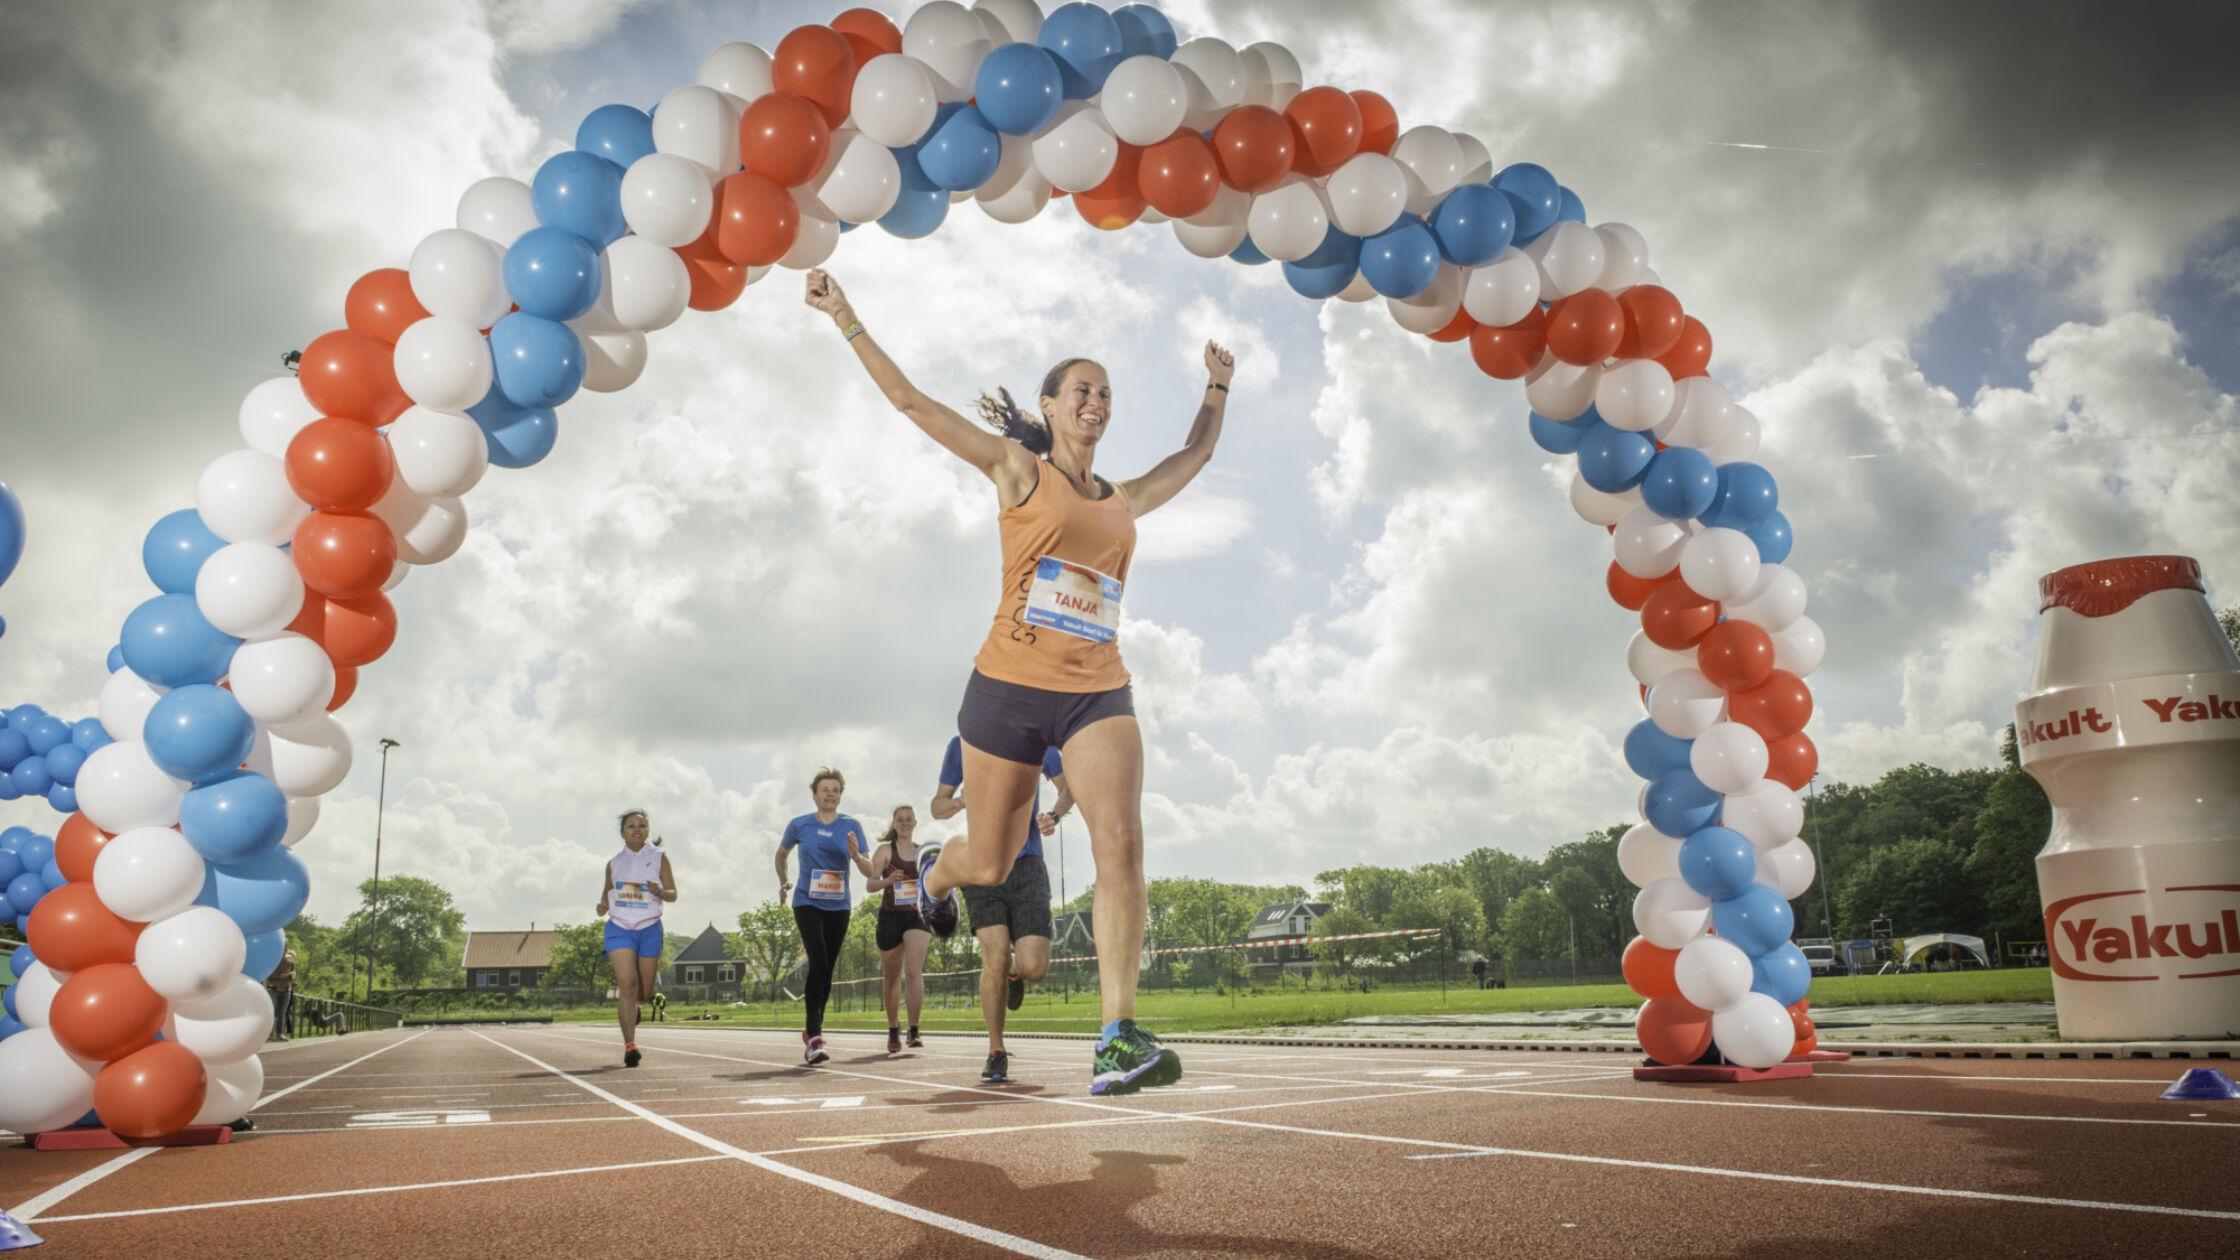 Yakult Start to Run Finishloop: 'Missie geslaagd!'